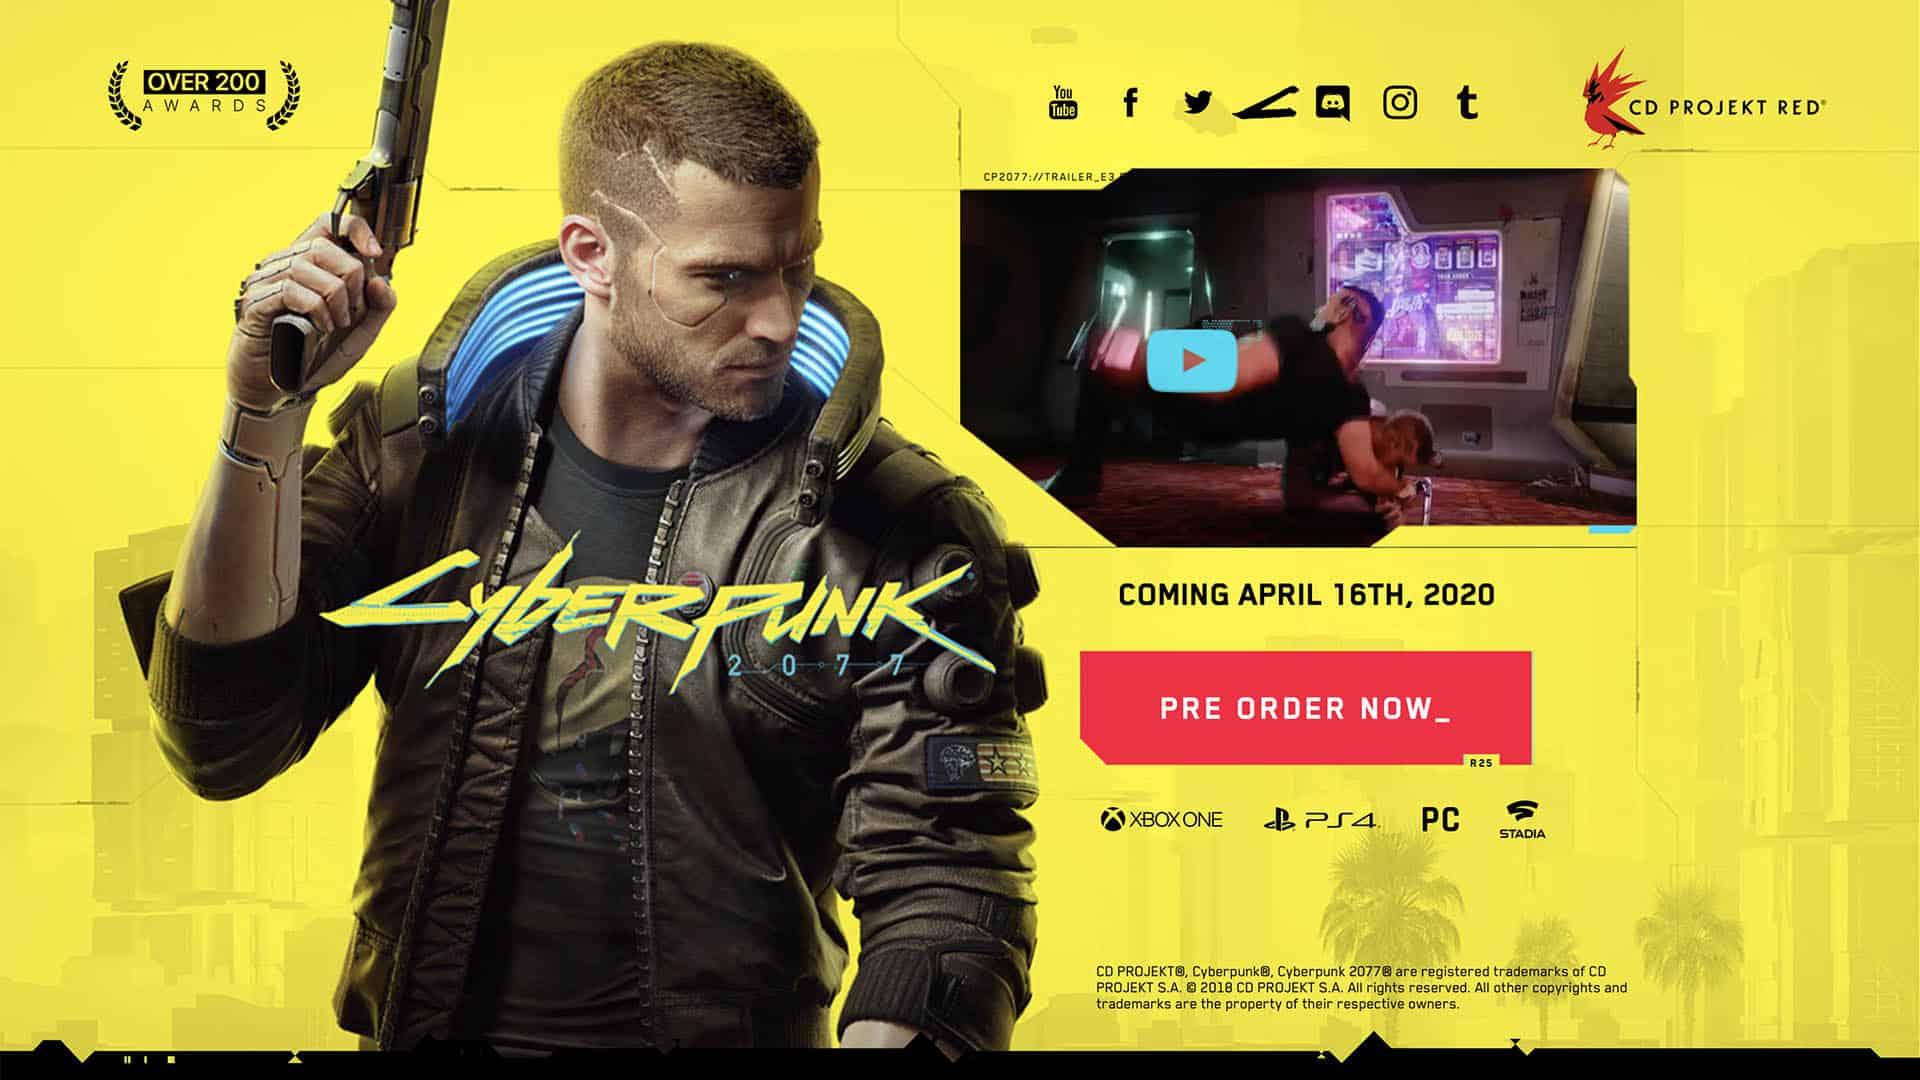 Pagina web per il Pre-Order di Cyberpunk 2077